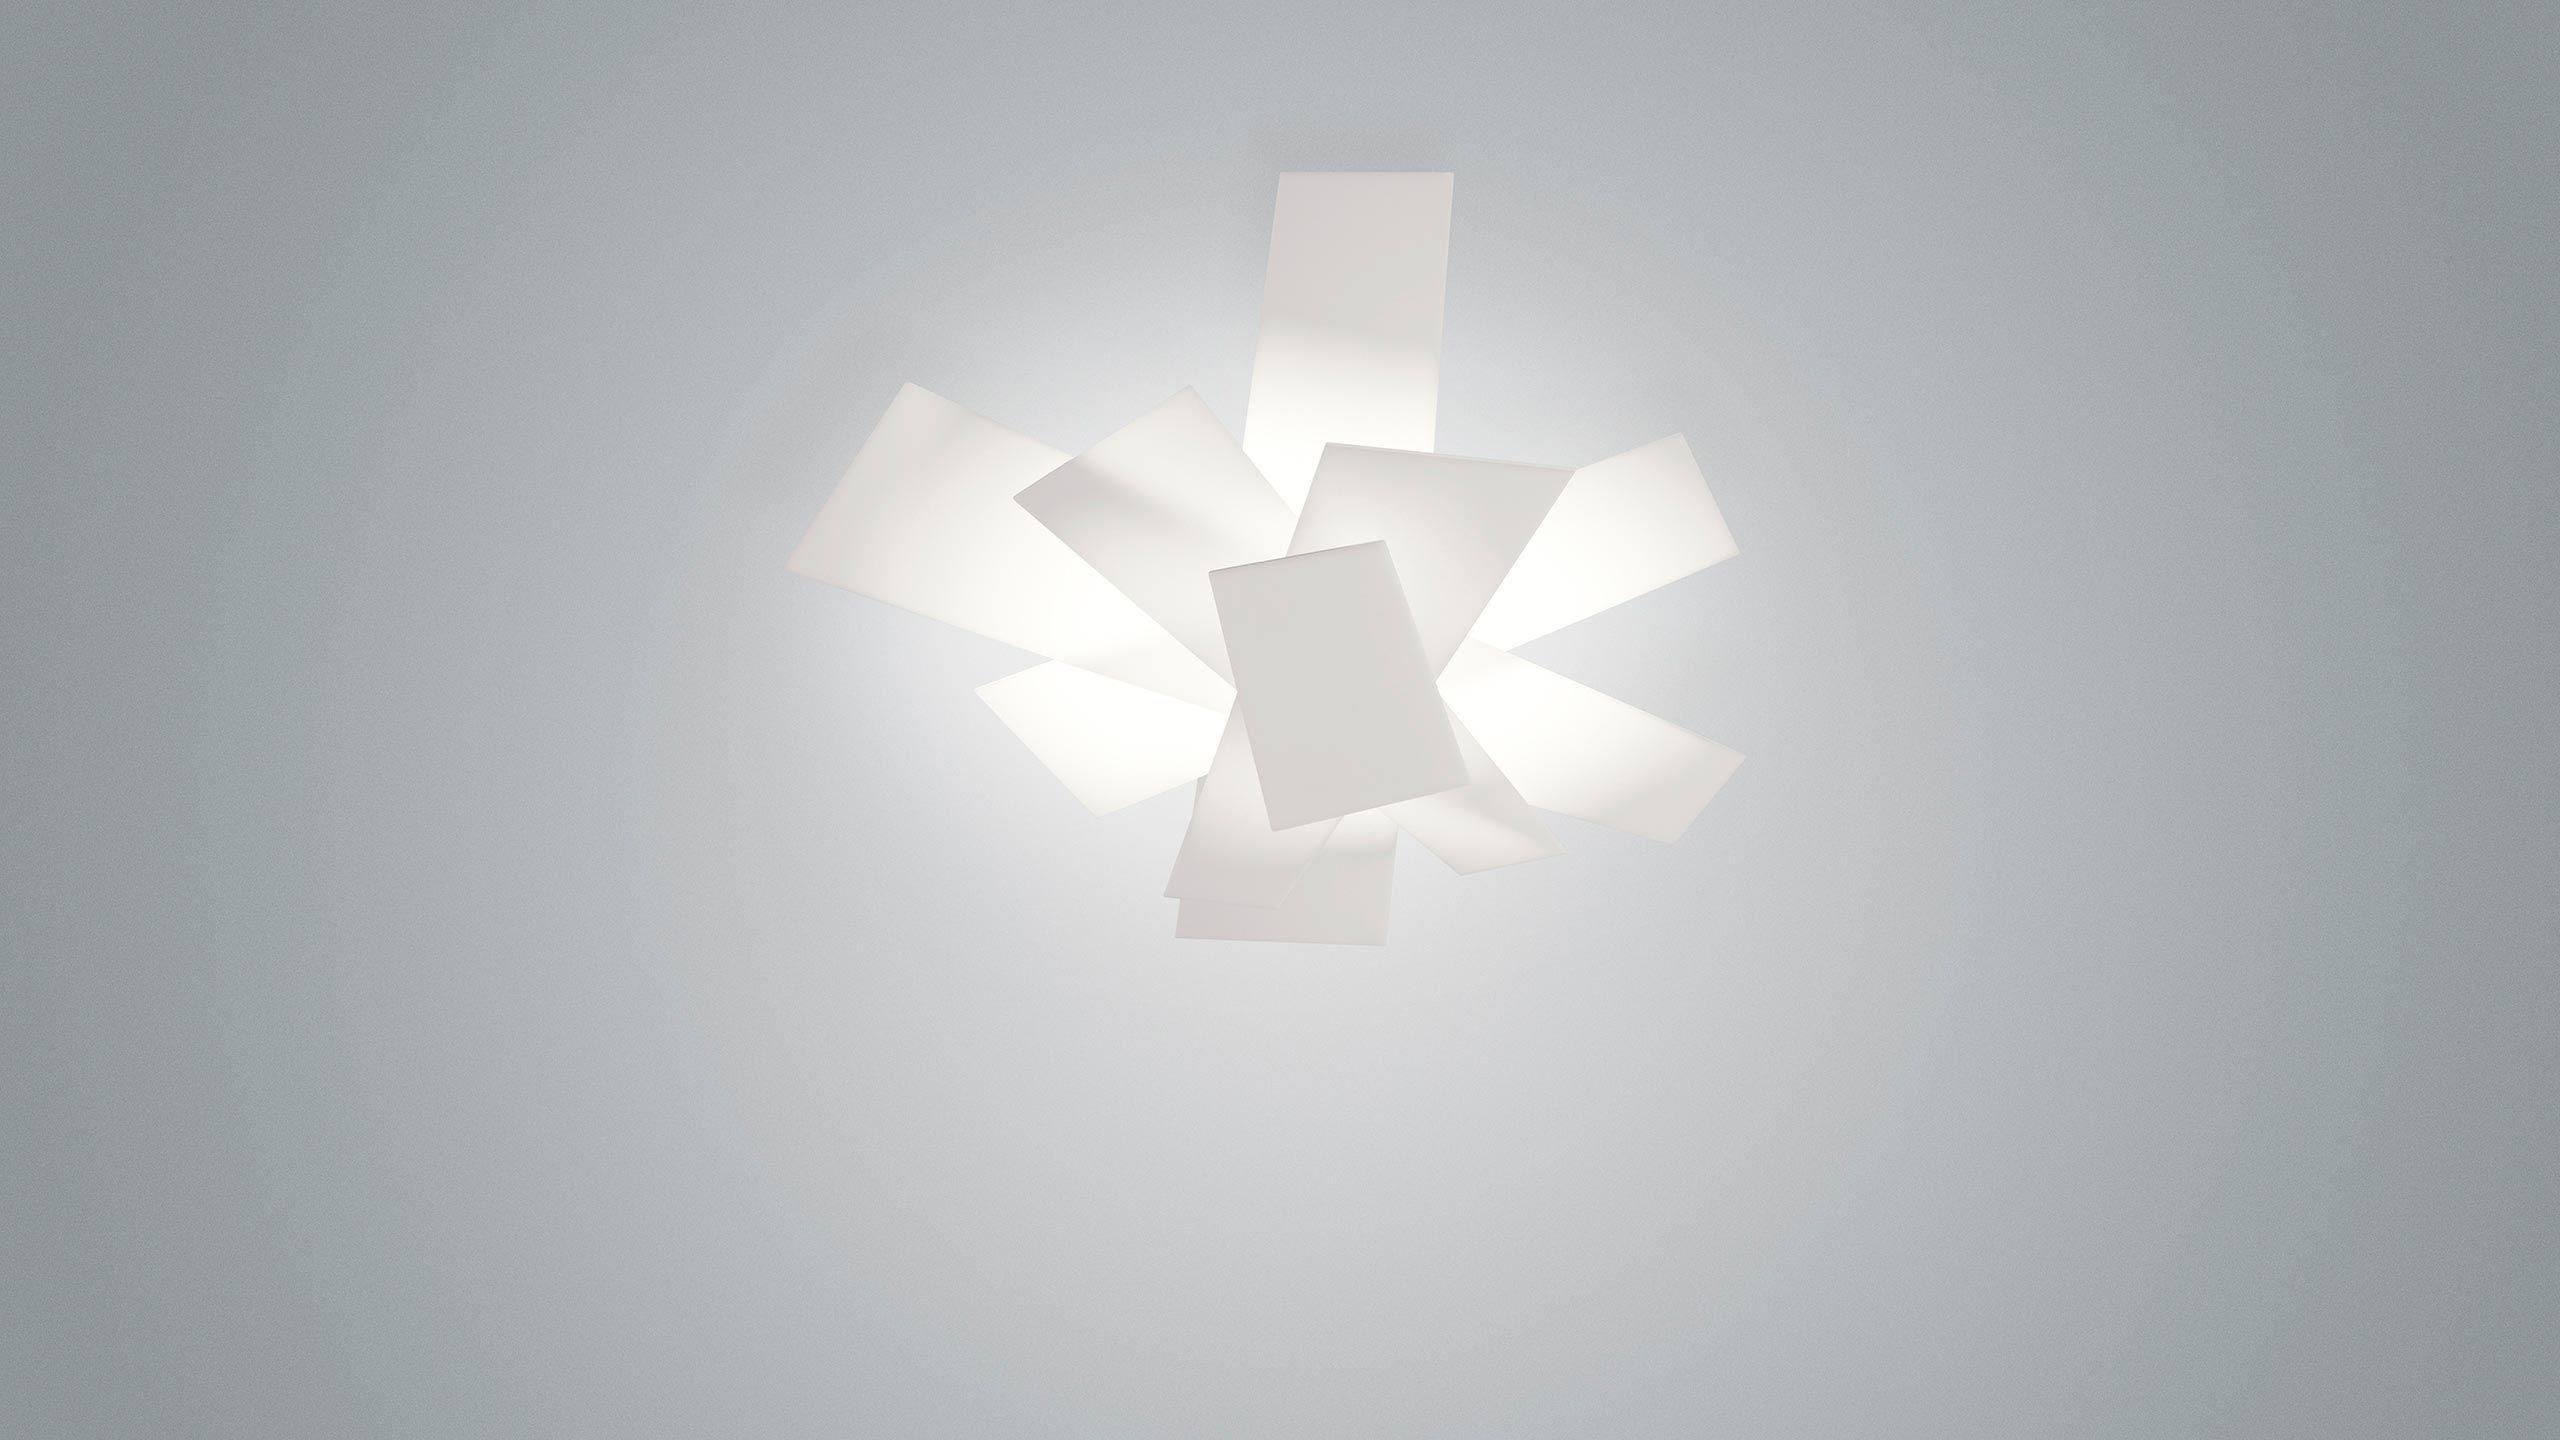 Plafoniera Foscarini : Plafoniera design originale in metallo laccato metacrilato